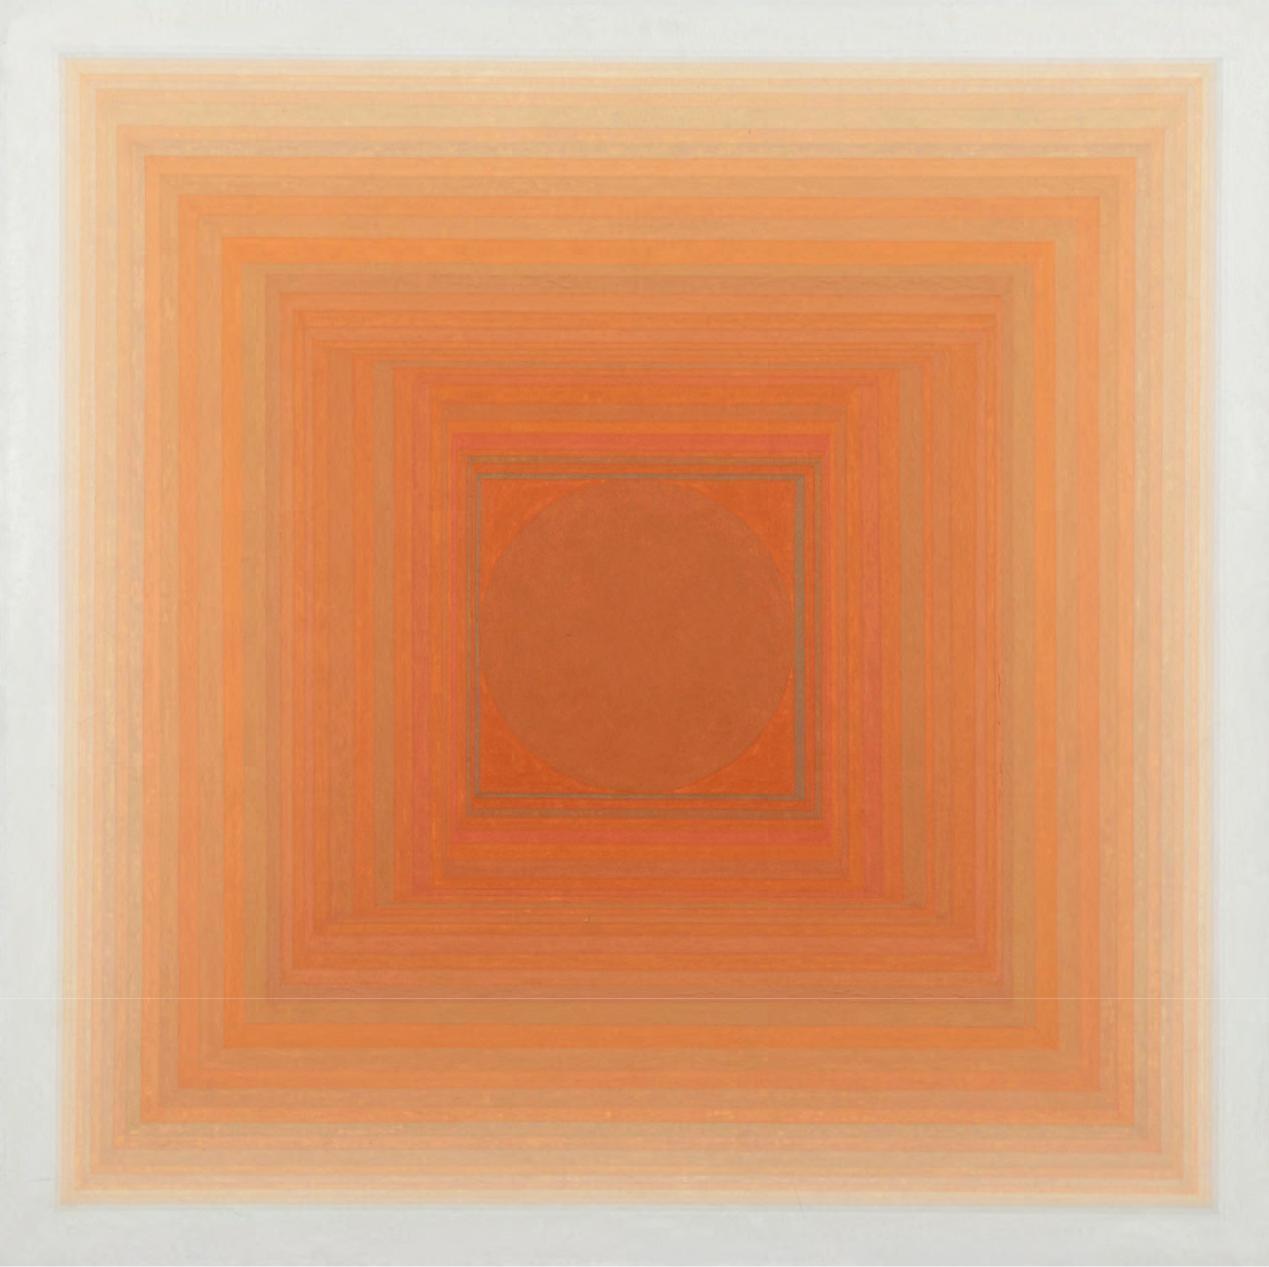 133-Paul-Feiler-Aduton-XXXIII.jpg